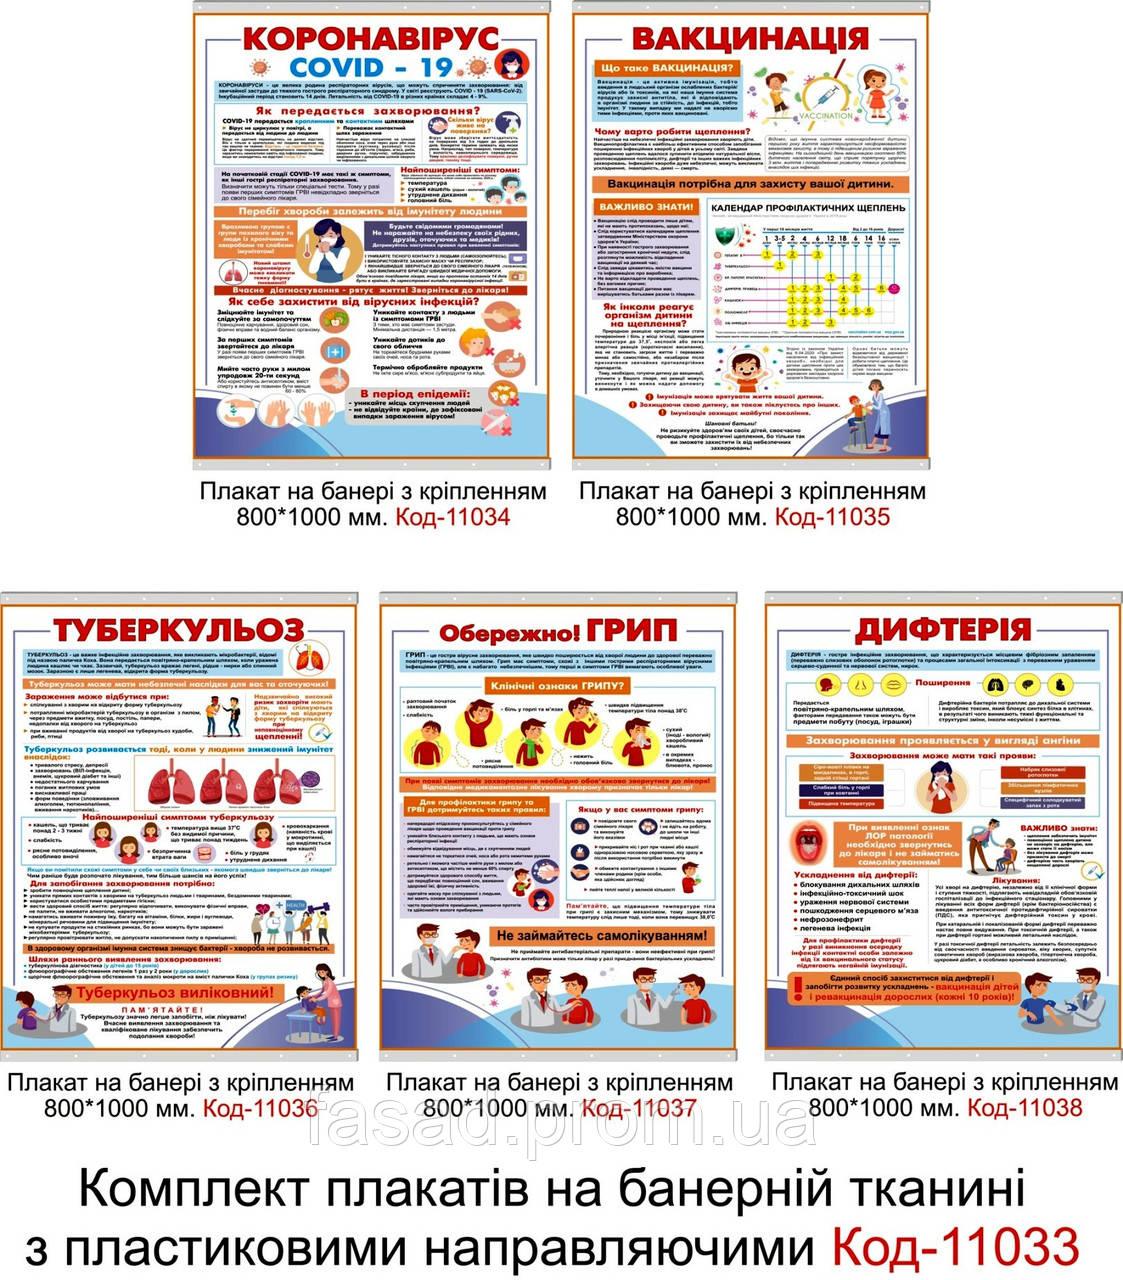 Комплект плакатів на банері Протидія захворювань Код-11033